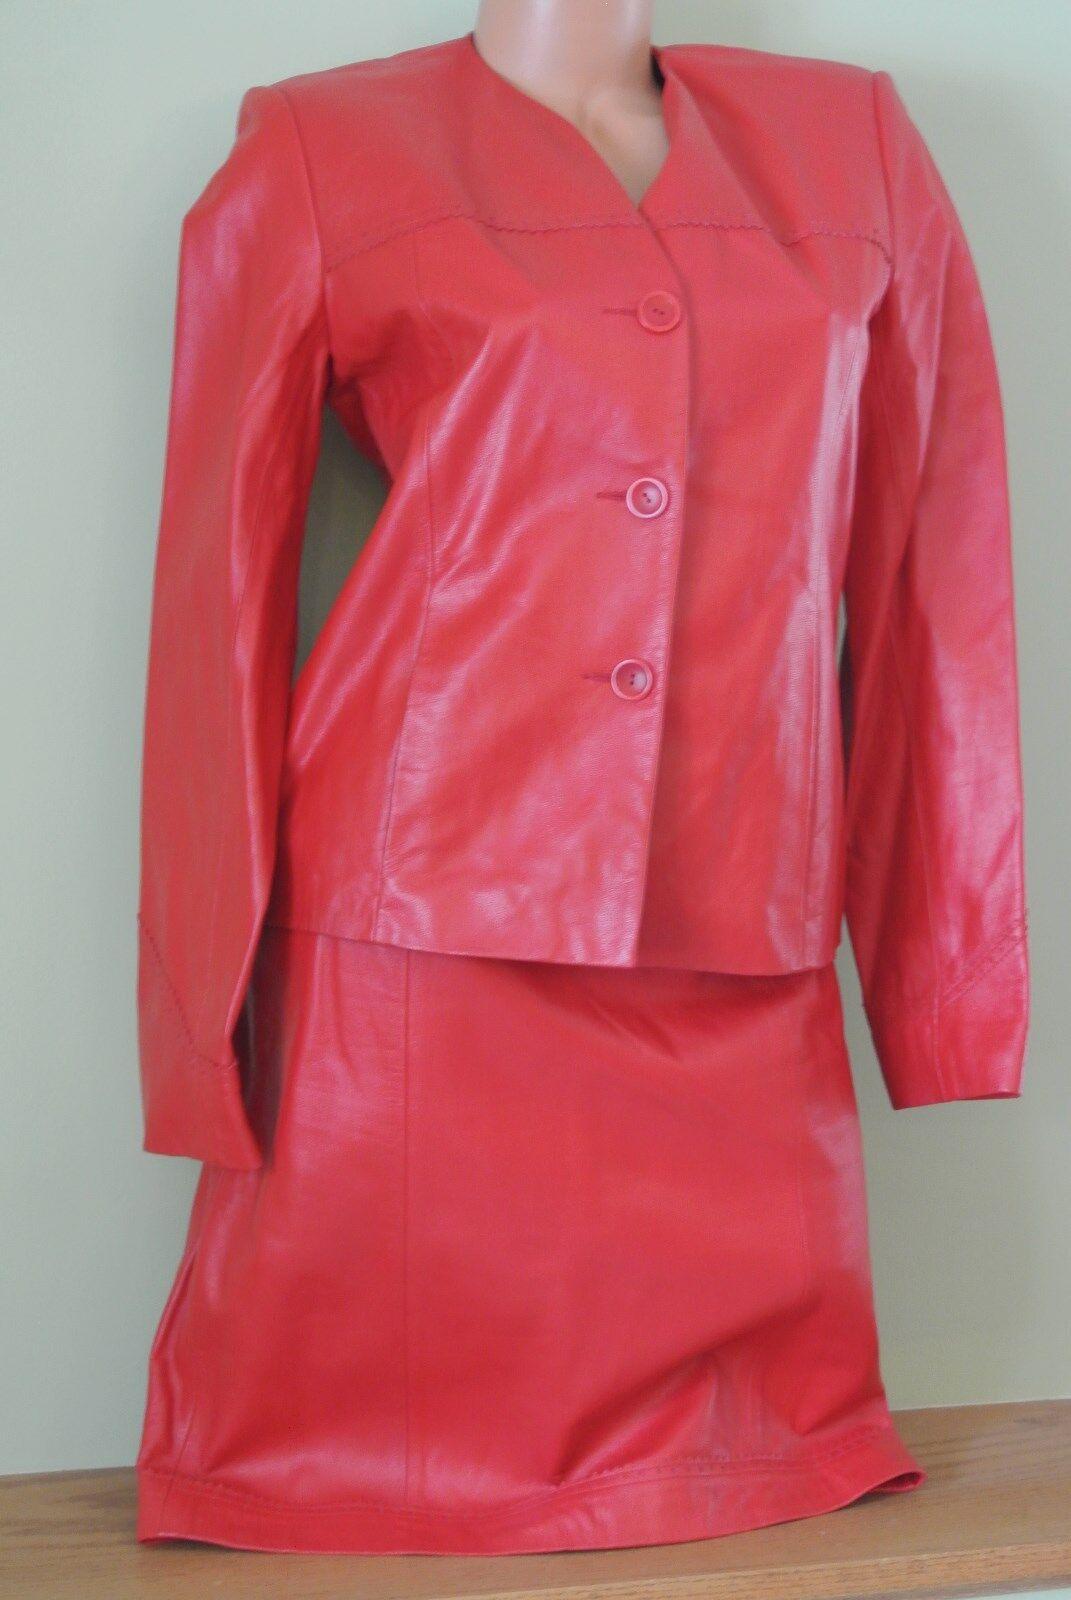 Para Mujer 100% Cordero  De Cuero Rojo Traje 2 Piezas De Dana Buchman falda chaqueta Botones En El Sm  compras de moda online